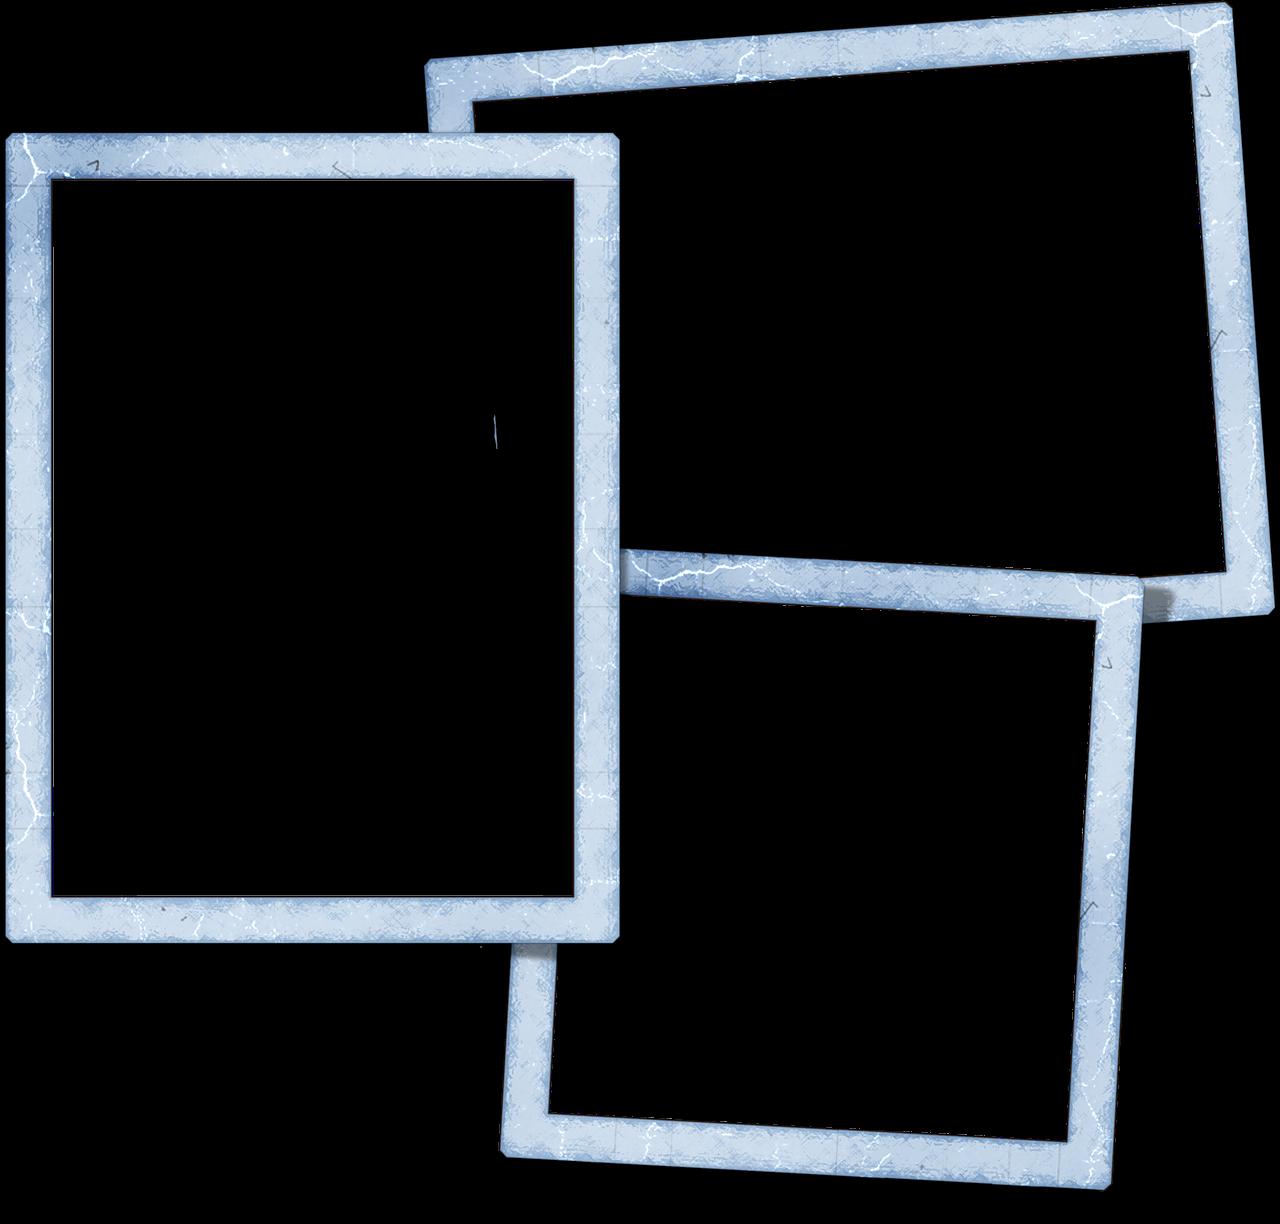 рамки для 3 фото